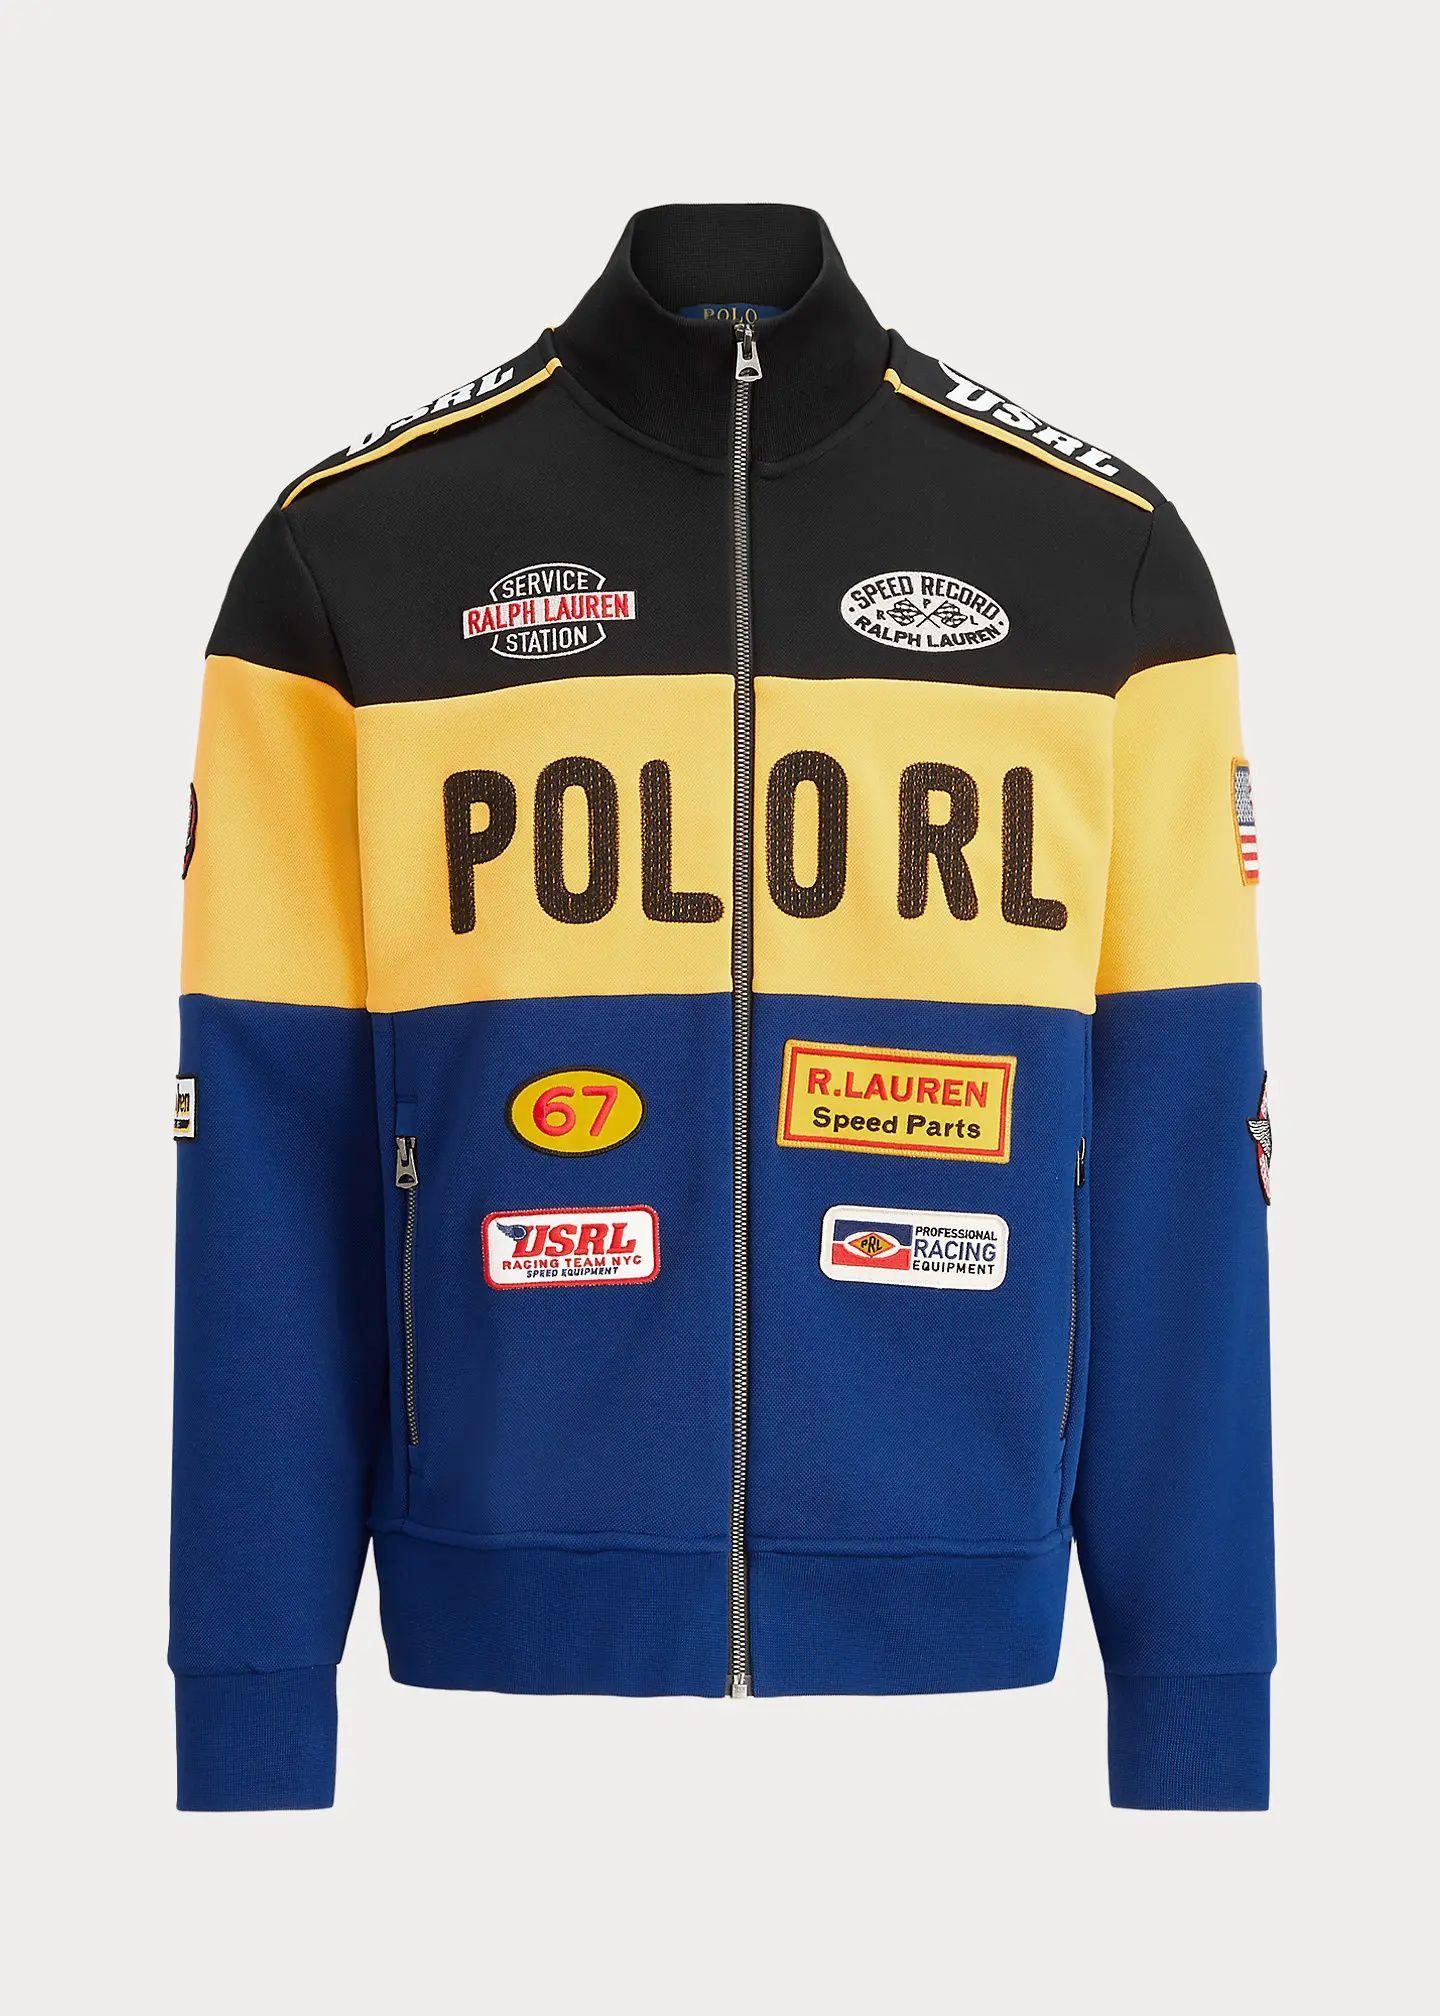 2021ss Usa Menswear Outerwear Jacket Polo Ralph Lauren In 2021 Racing Jacket Menswear Outerwear Jackets [ 2016 x 1440 Pixel ]